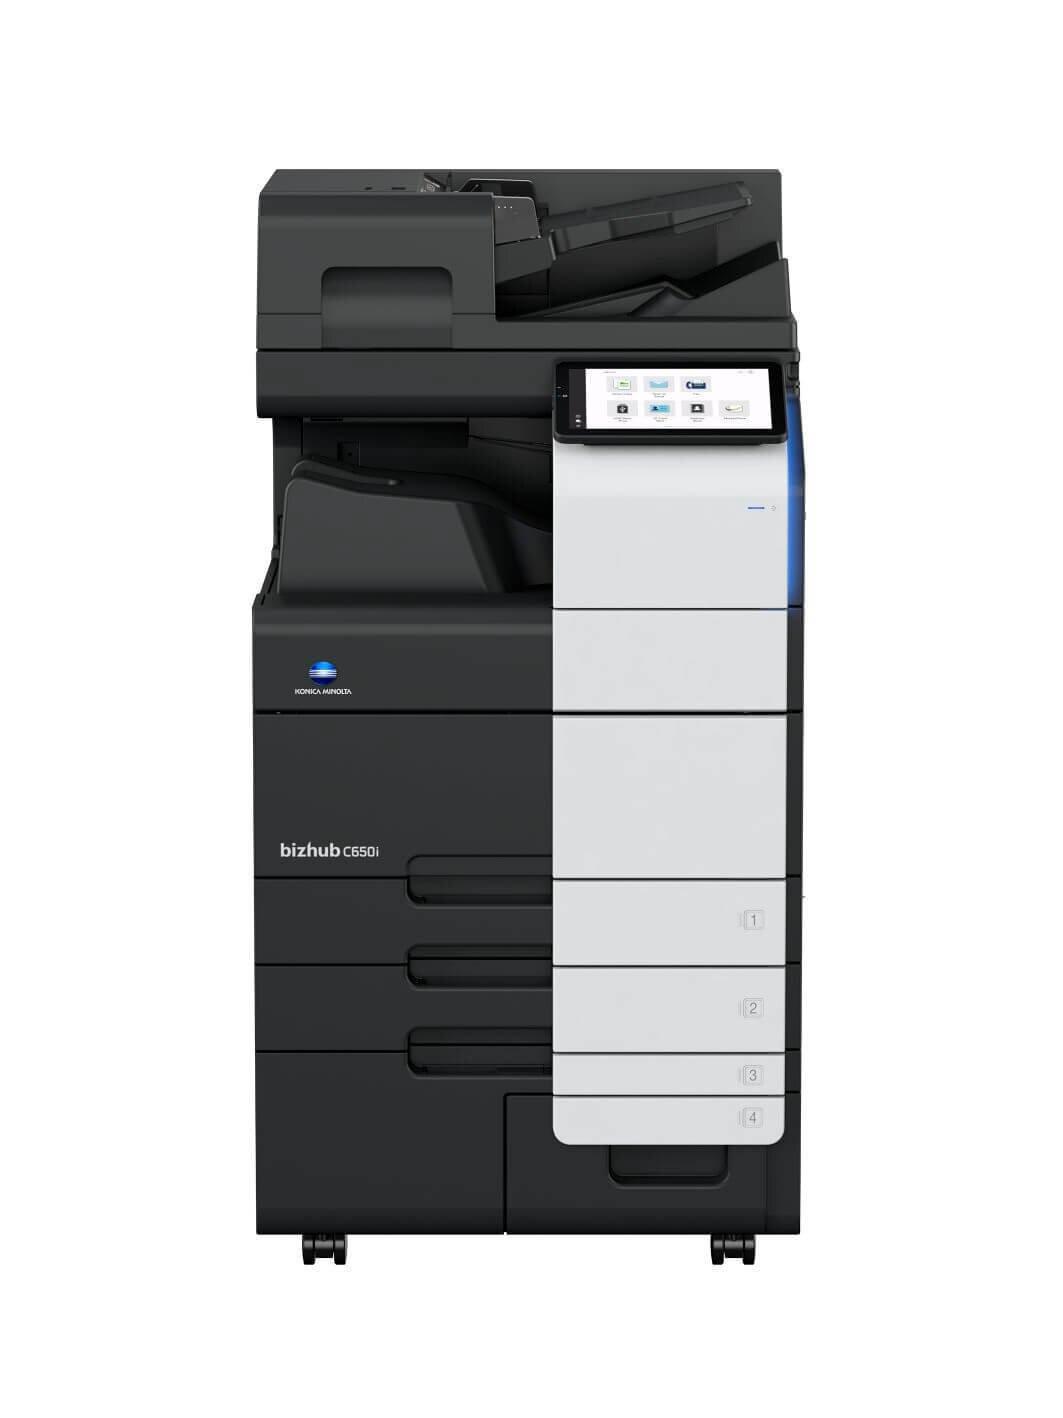 bizhubC650i